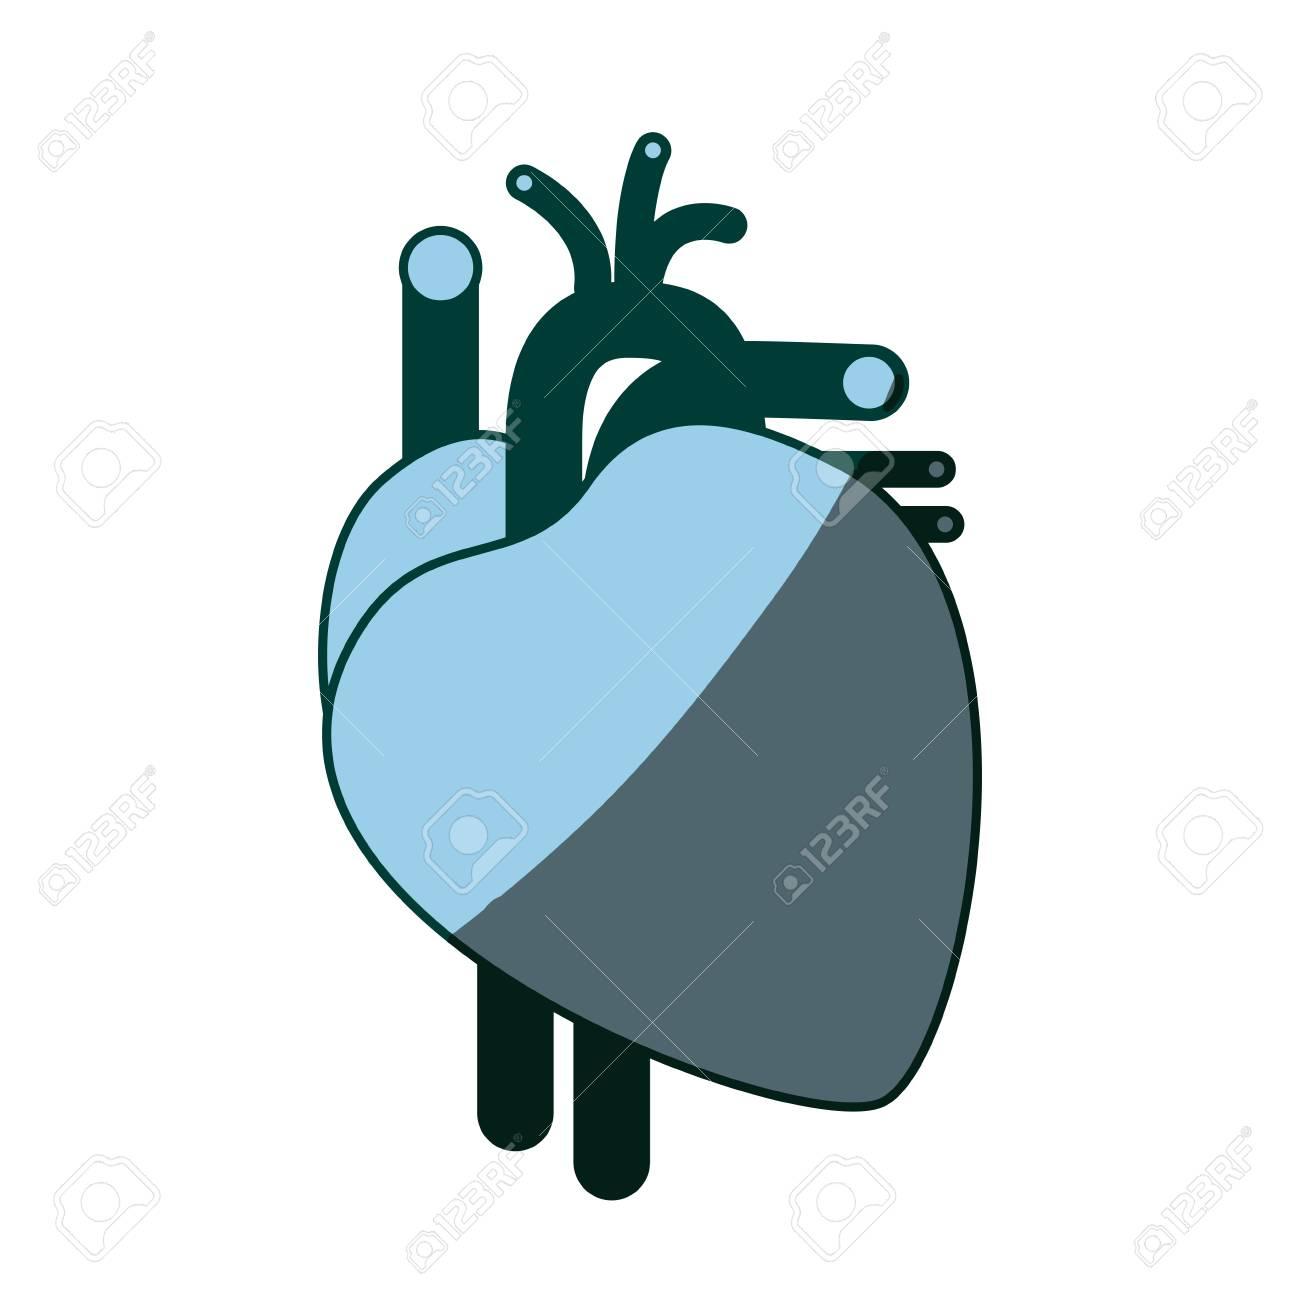 Blaue Farbe Schattierung Silhouette Herz System Menschlichen Körper ...